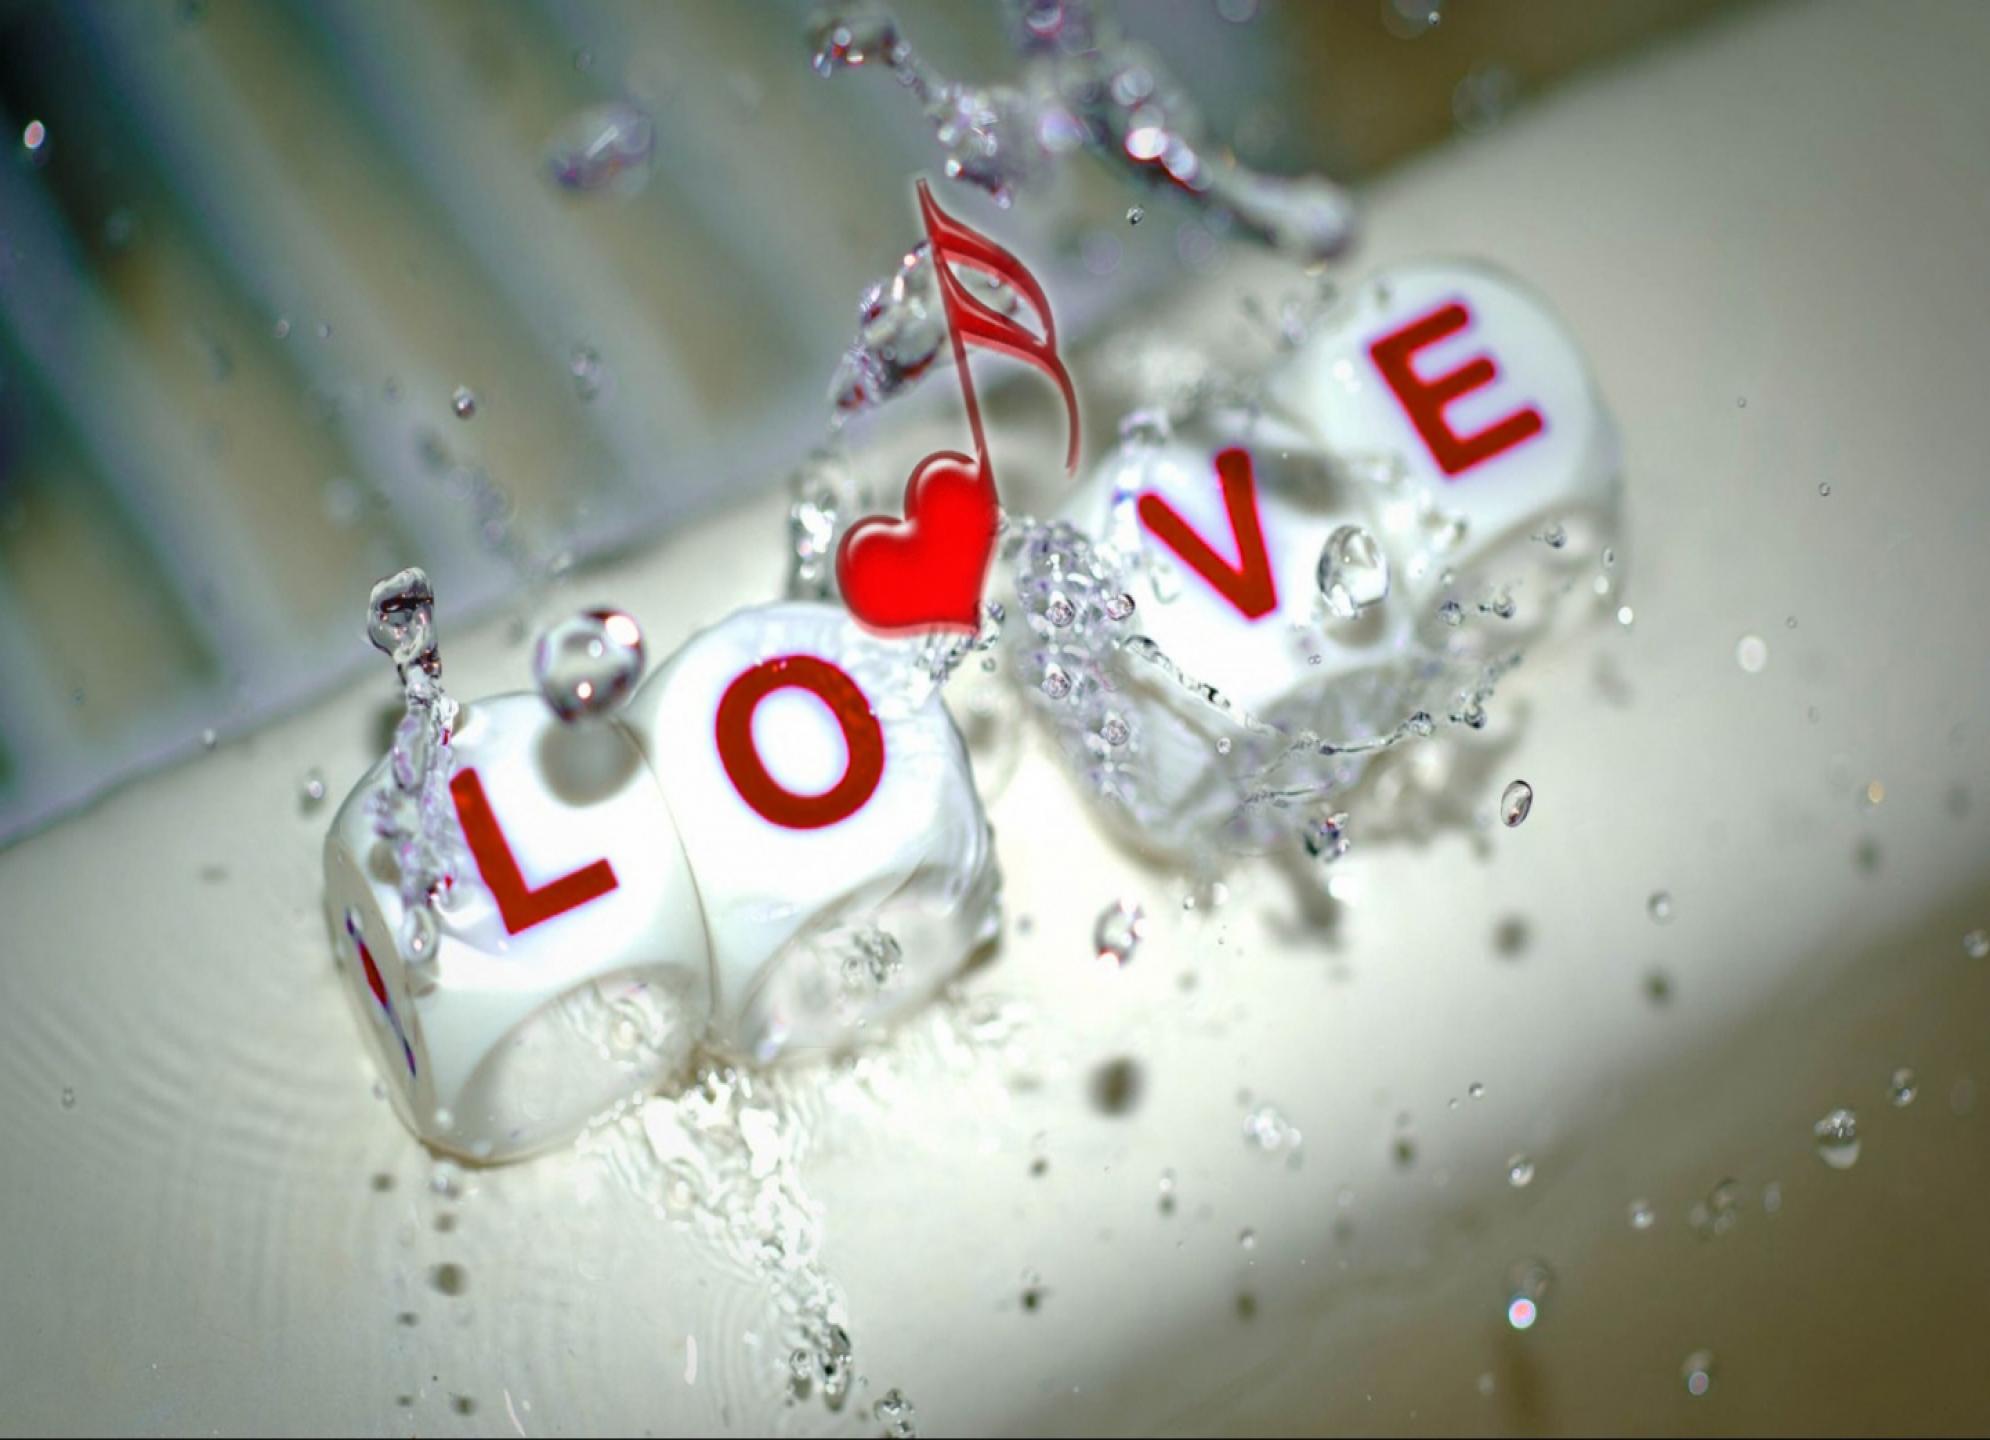 عکس های جدید و فوق العاده زیبای عاشقانه با موضوع I Love You